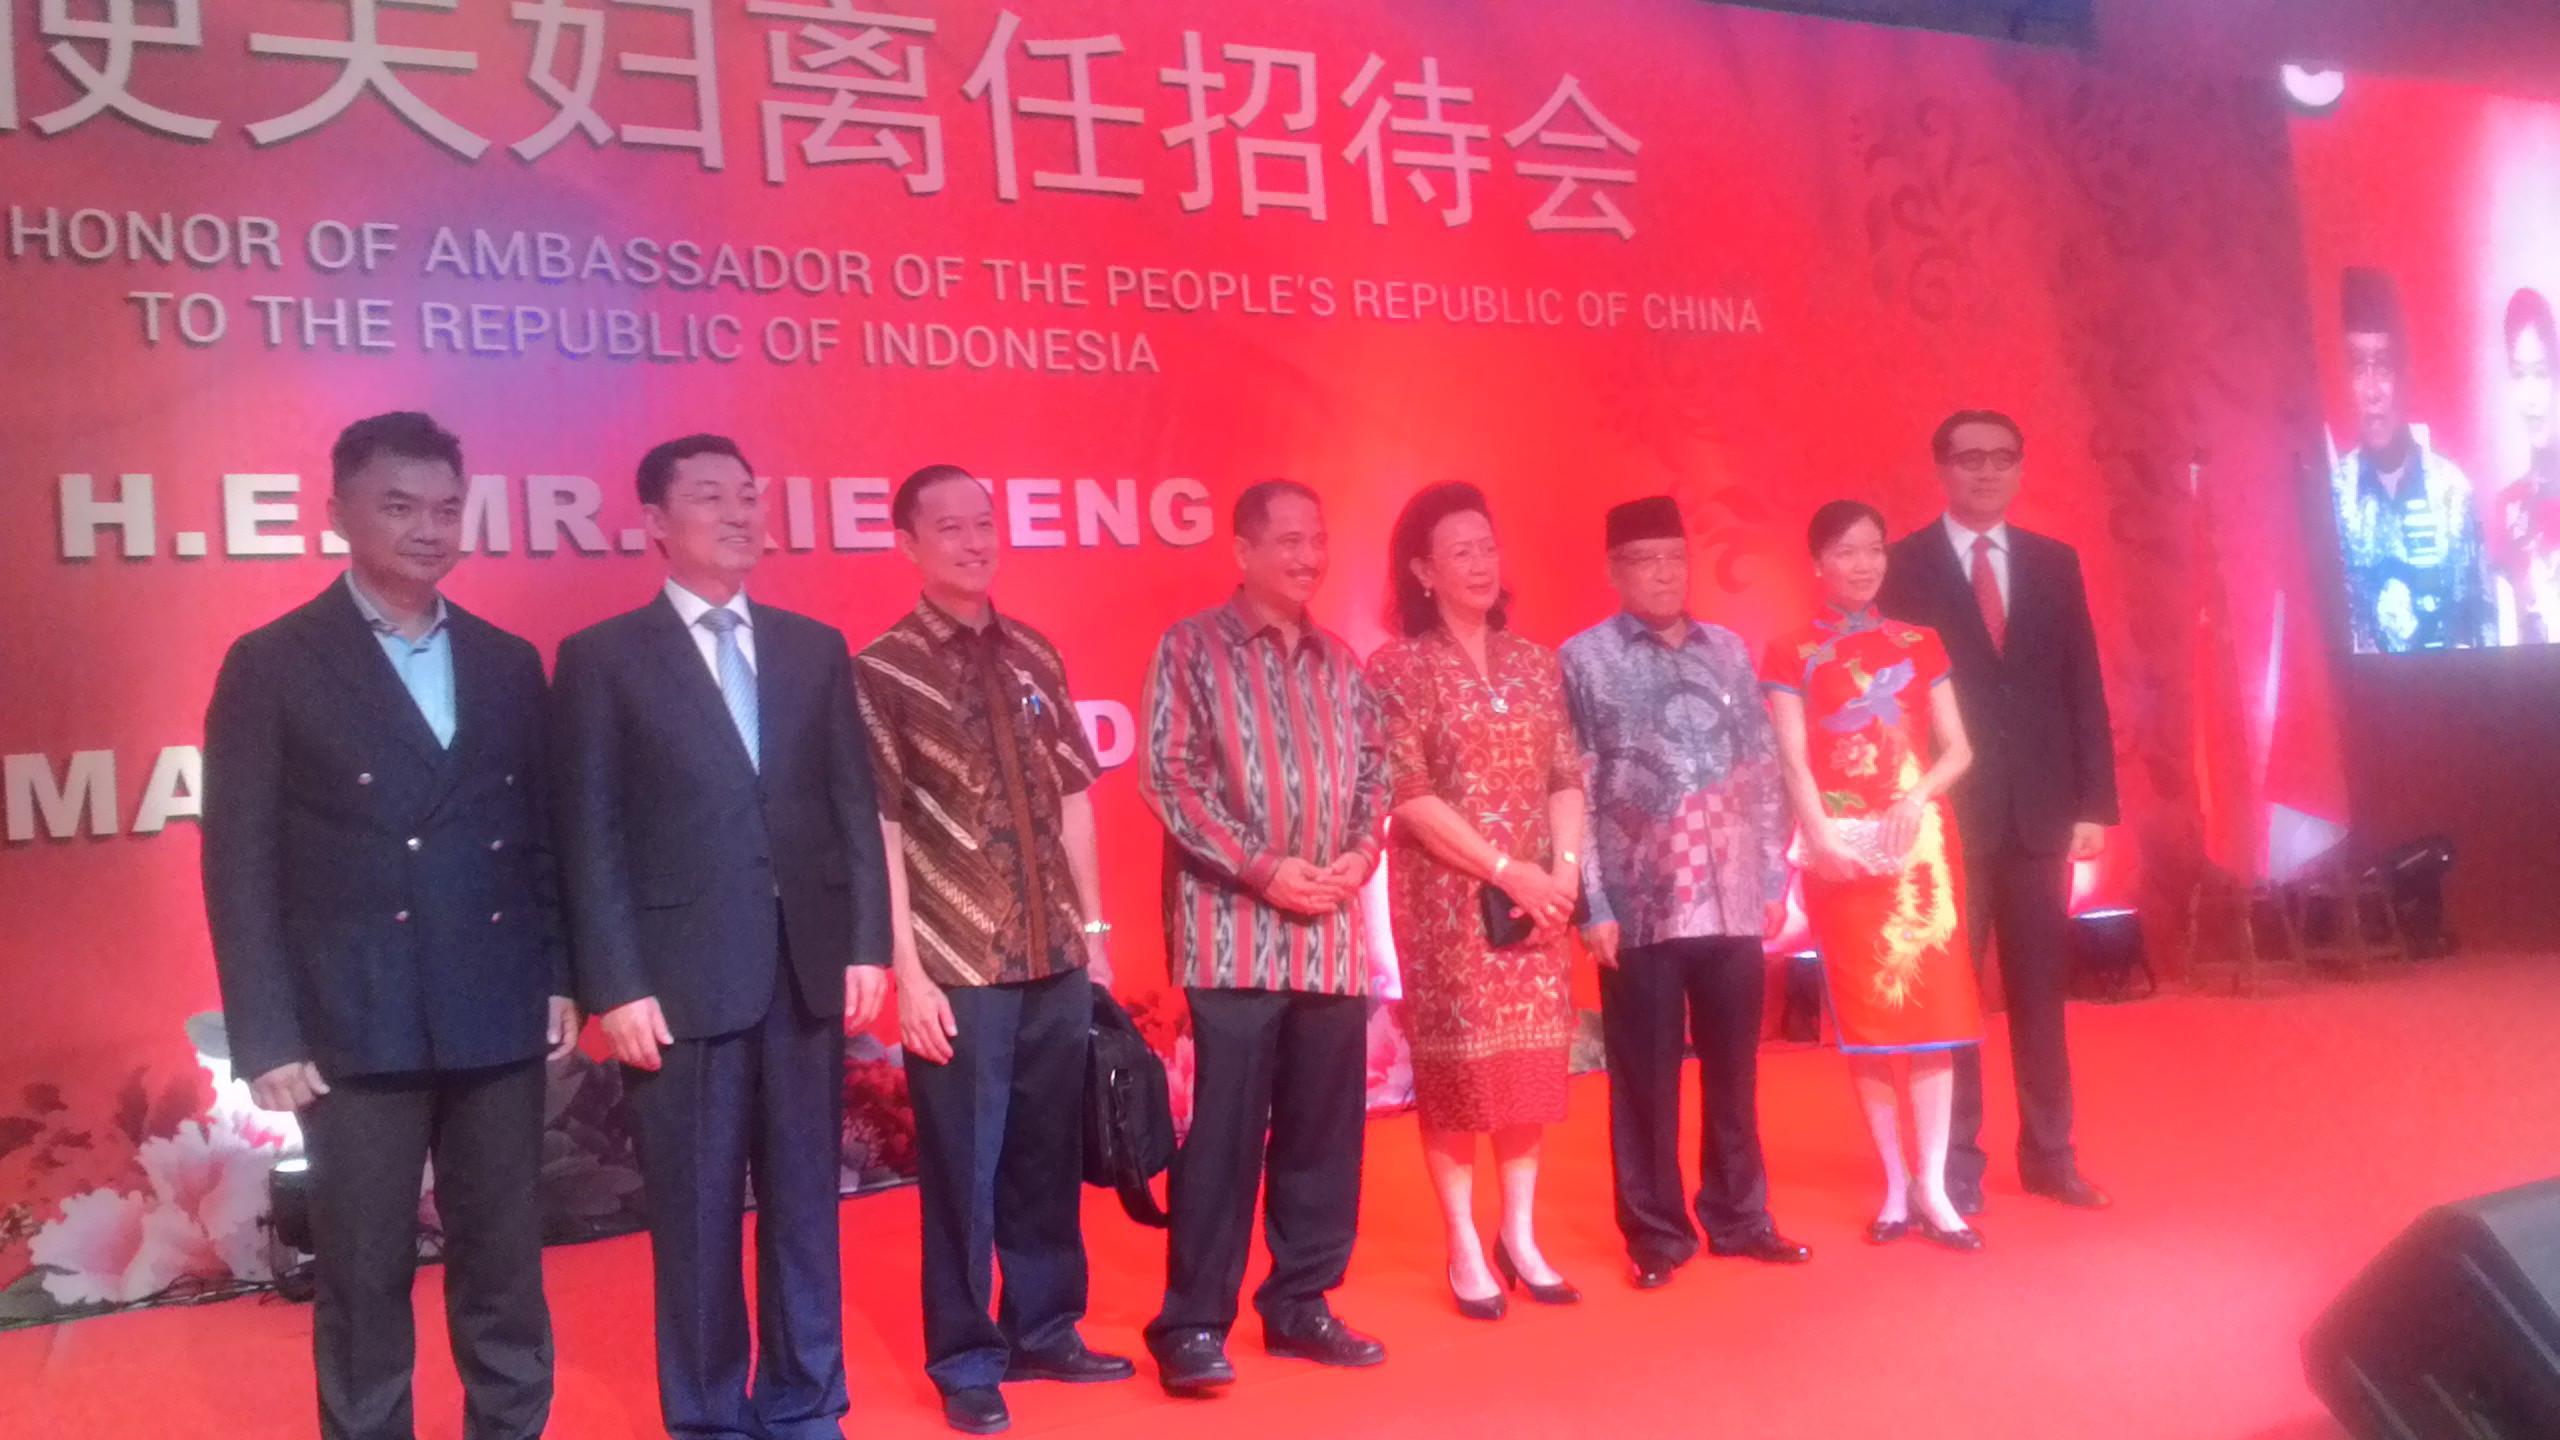 Kesan Dubes China 1 100 Hari Mengenal Indonesia Dari Dekat